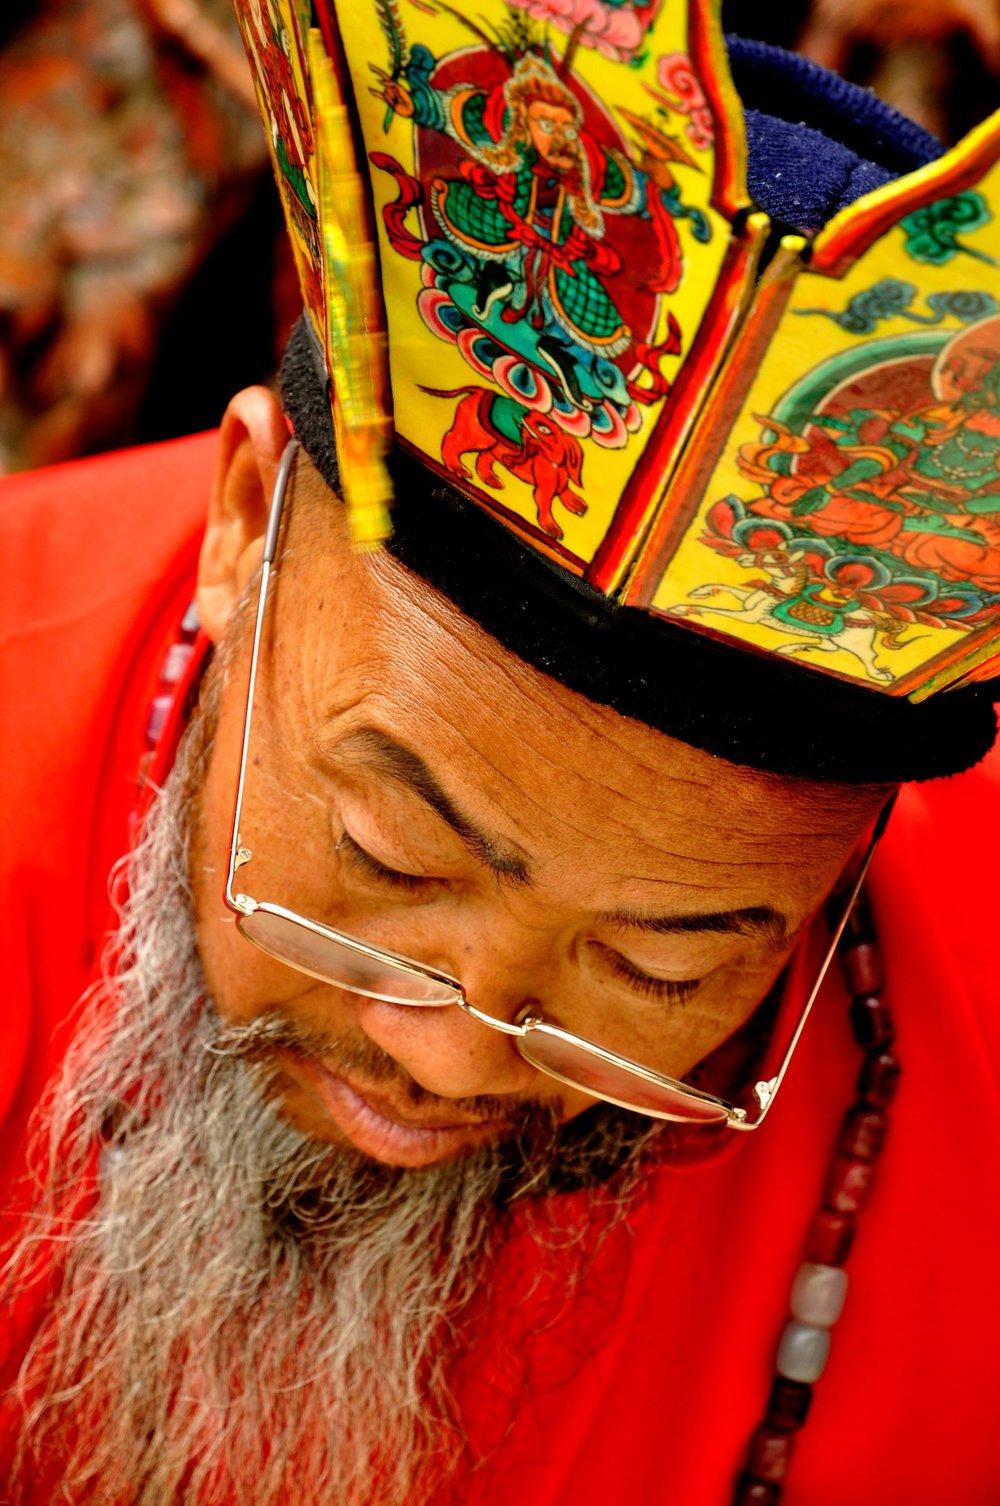 Dongba. Lijiang. Yunnan Province, China 2009